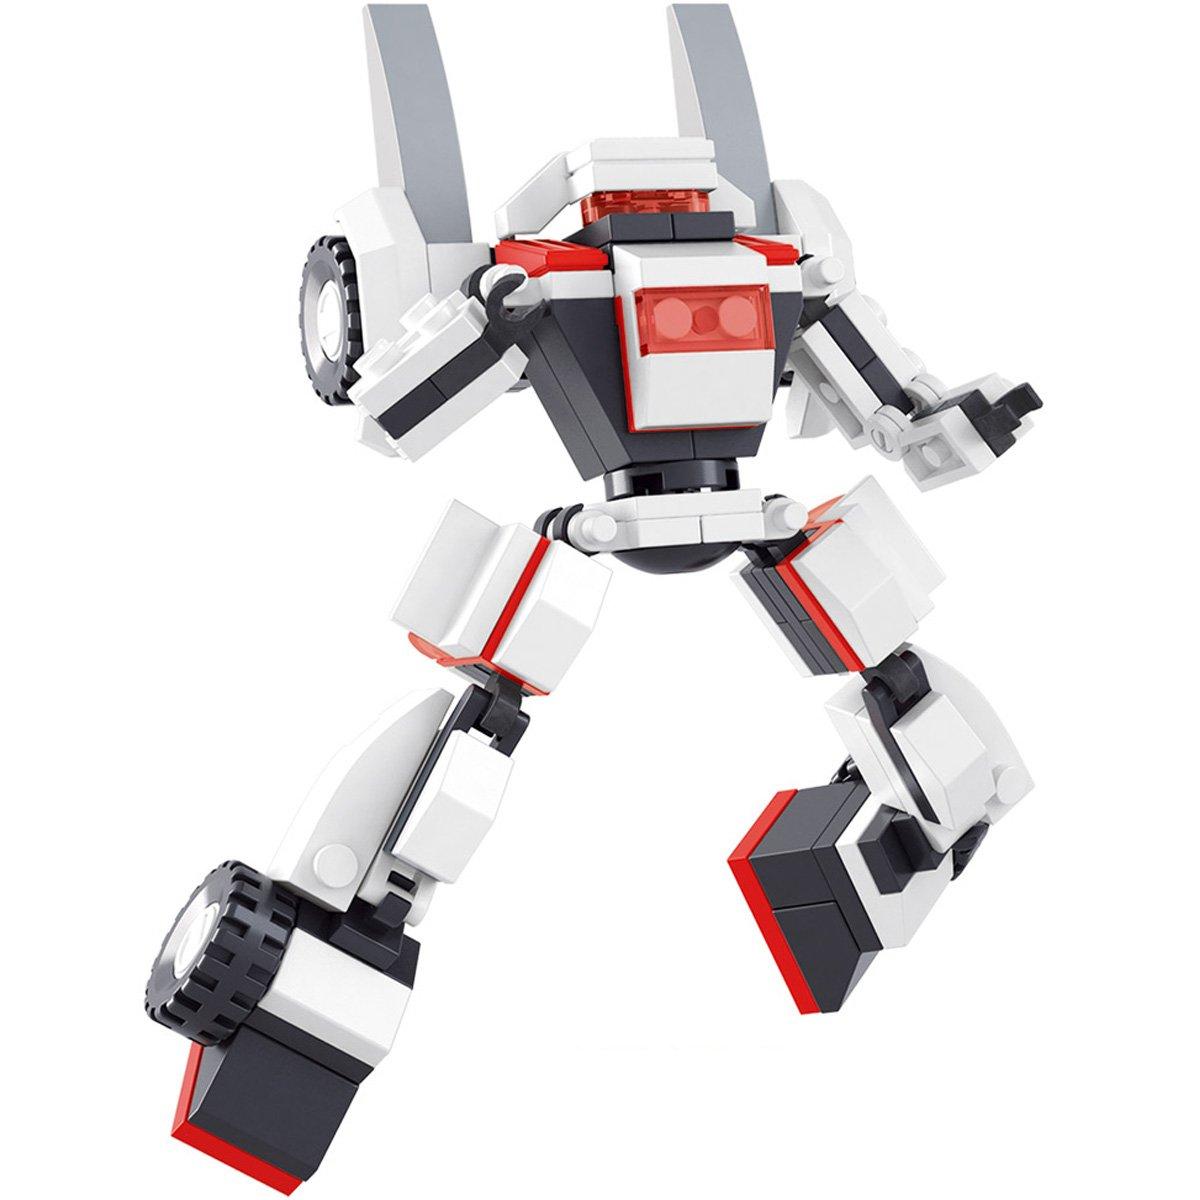 SLUBAN小鲁班星球大战拼装机器人乐高式积非标ict图纸图片